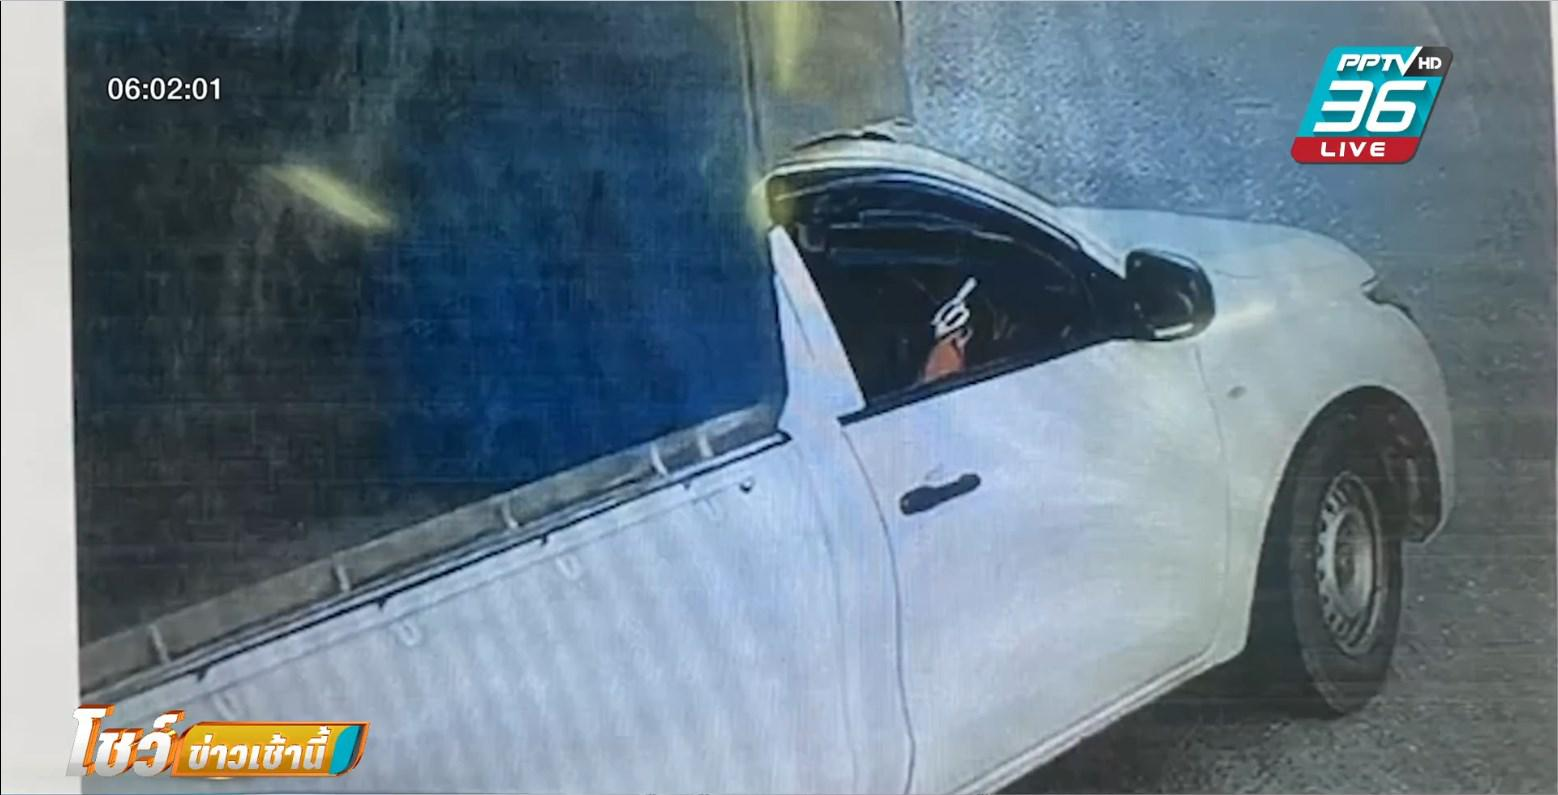 กระบะปืนดุ อ้าง ถูกปาดหน้า ชักปืนยิงขู่กลางถนน